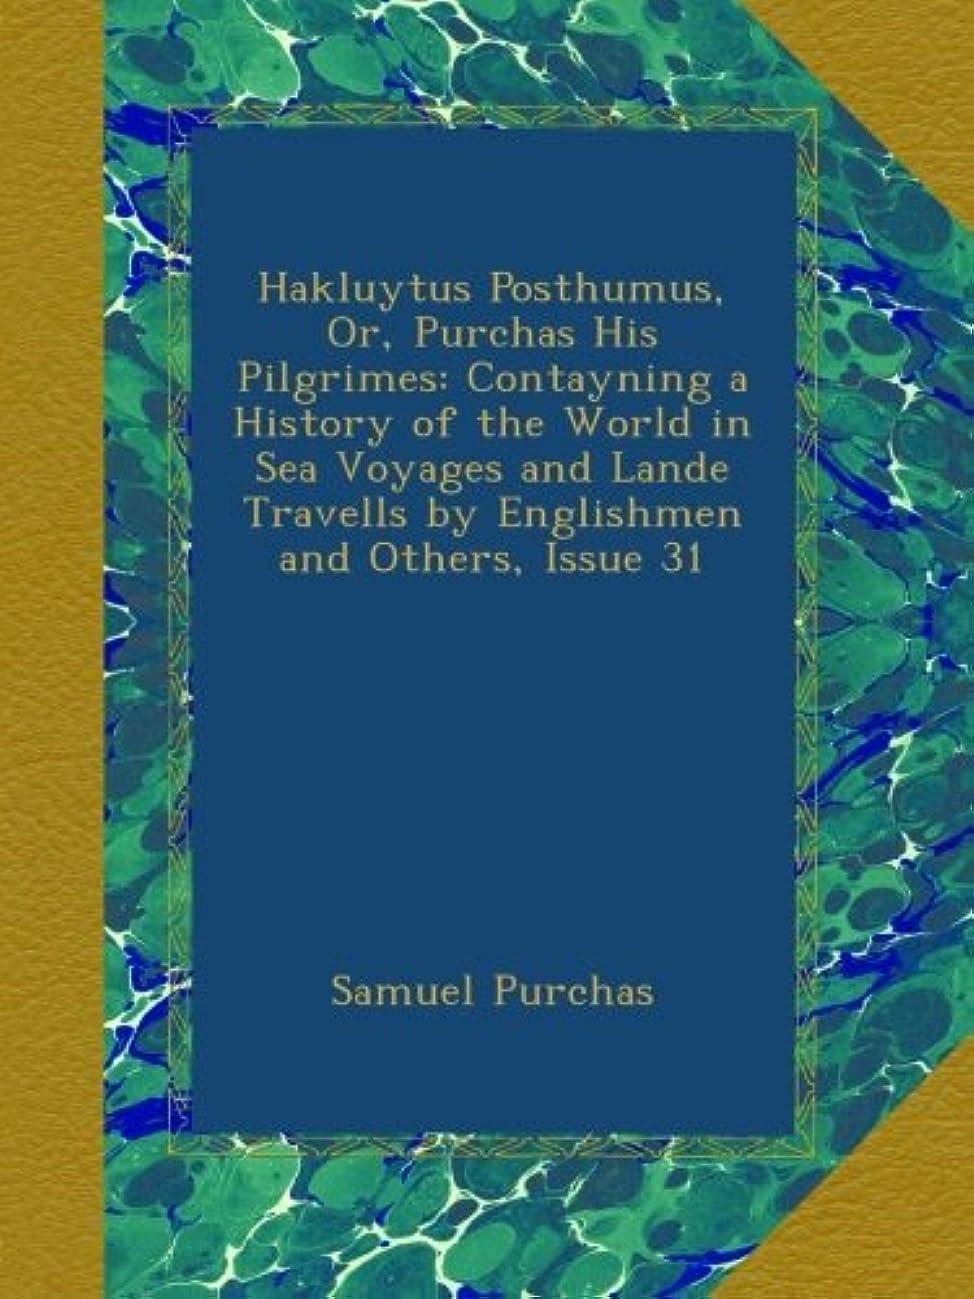 カウンタ医療過誤低いHakluytus Posthumus, Or, Purchas His Pilgrimes: Contayning a History of the World in Sea Voyages and Lande Travells by Englishmen and Others, Issue 31